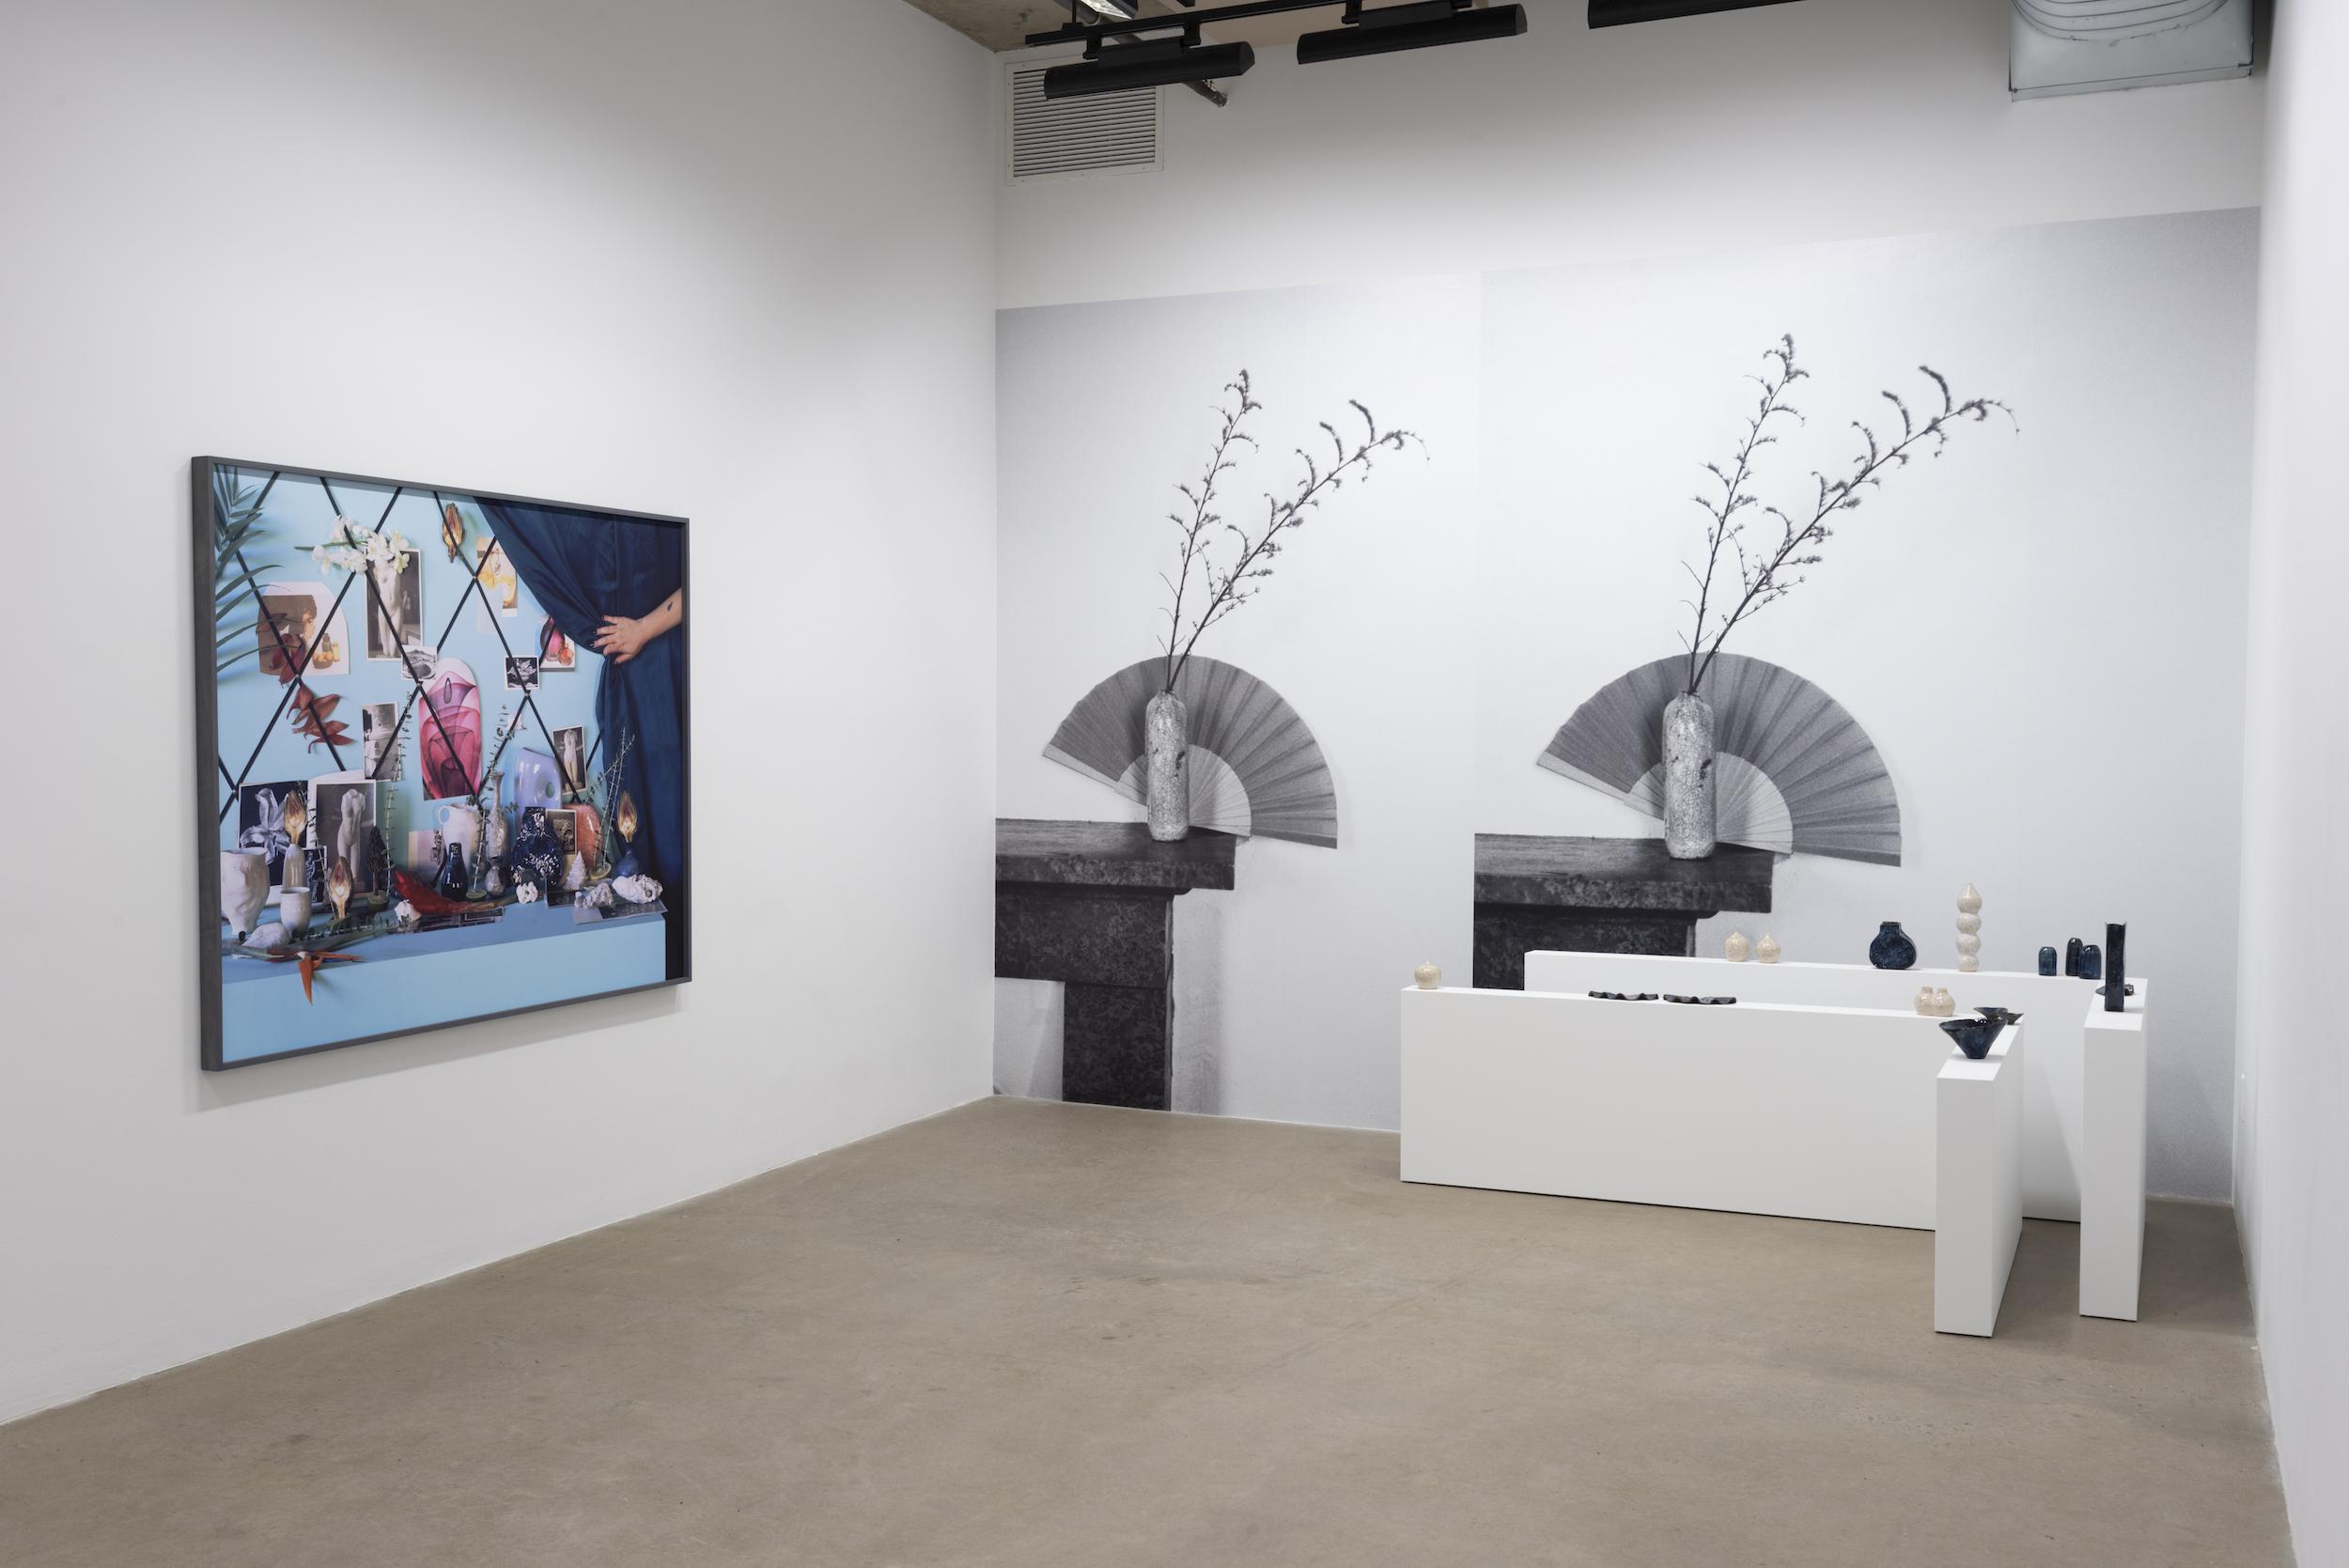 Le Devoir, 2019 | « The Banner Waves Calmly / Pores »: réveiller les archives